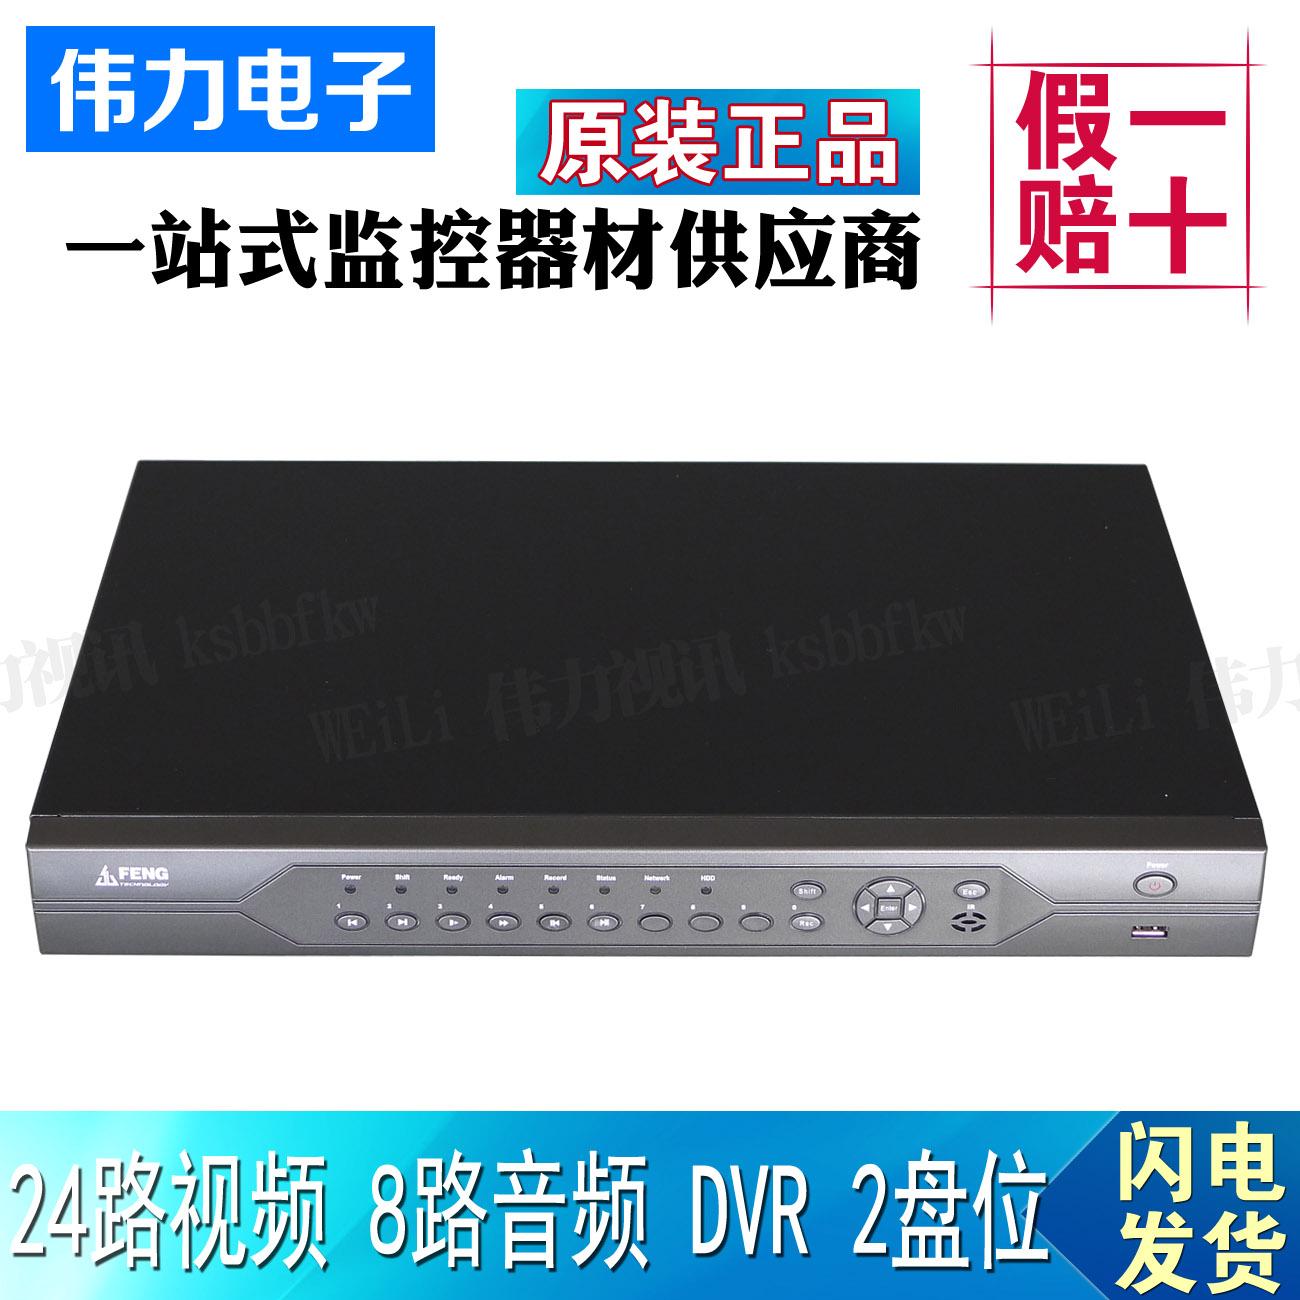 巨峰DVR6024E-B雄迈云24路模拟监控DVR硬盘录像机8路音频监控 2盘